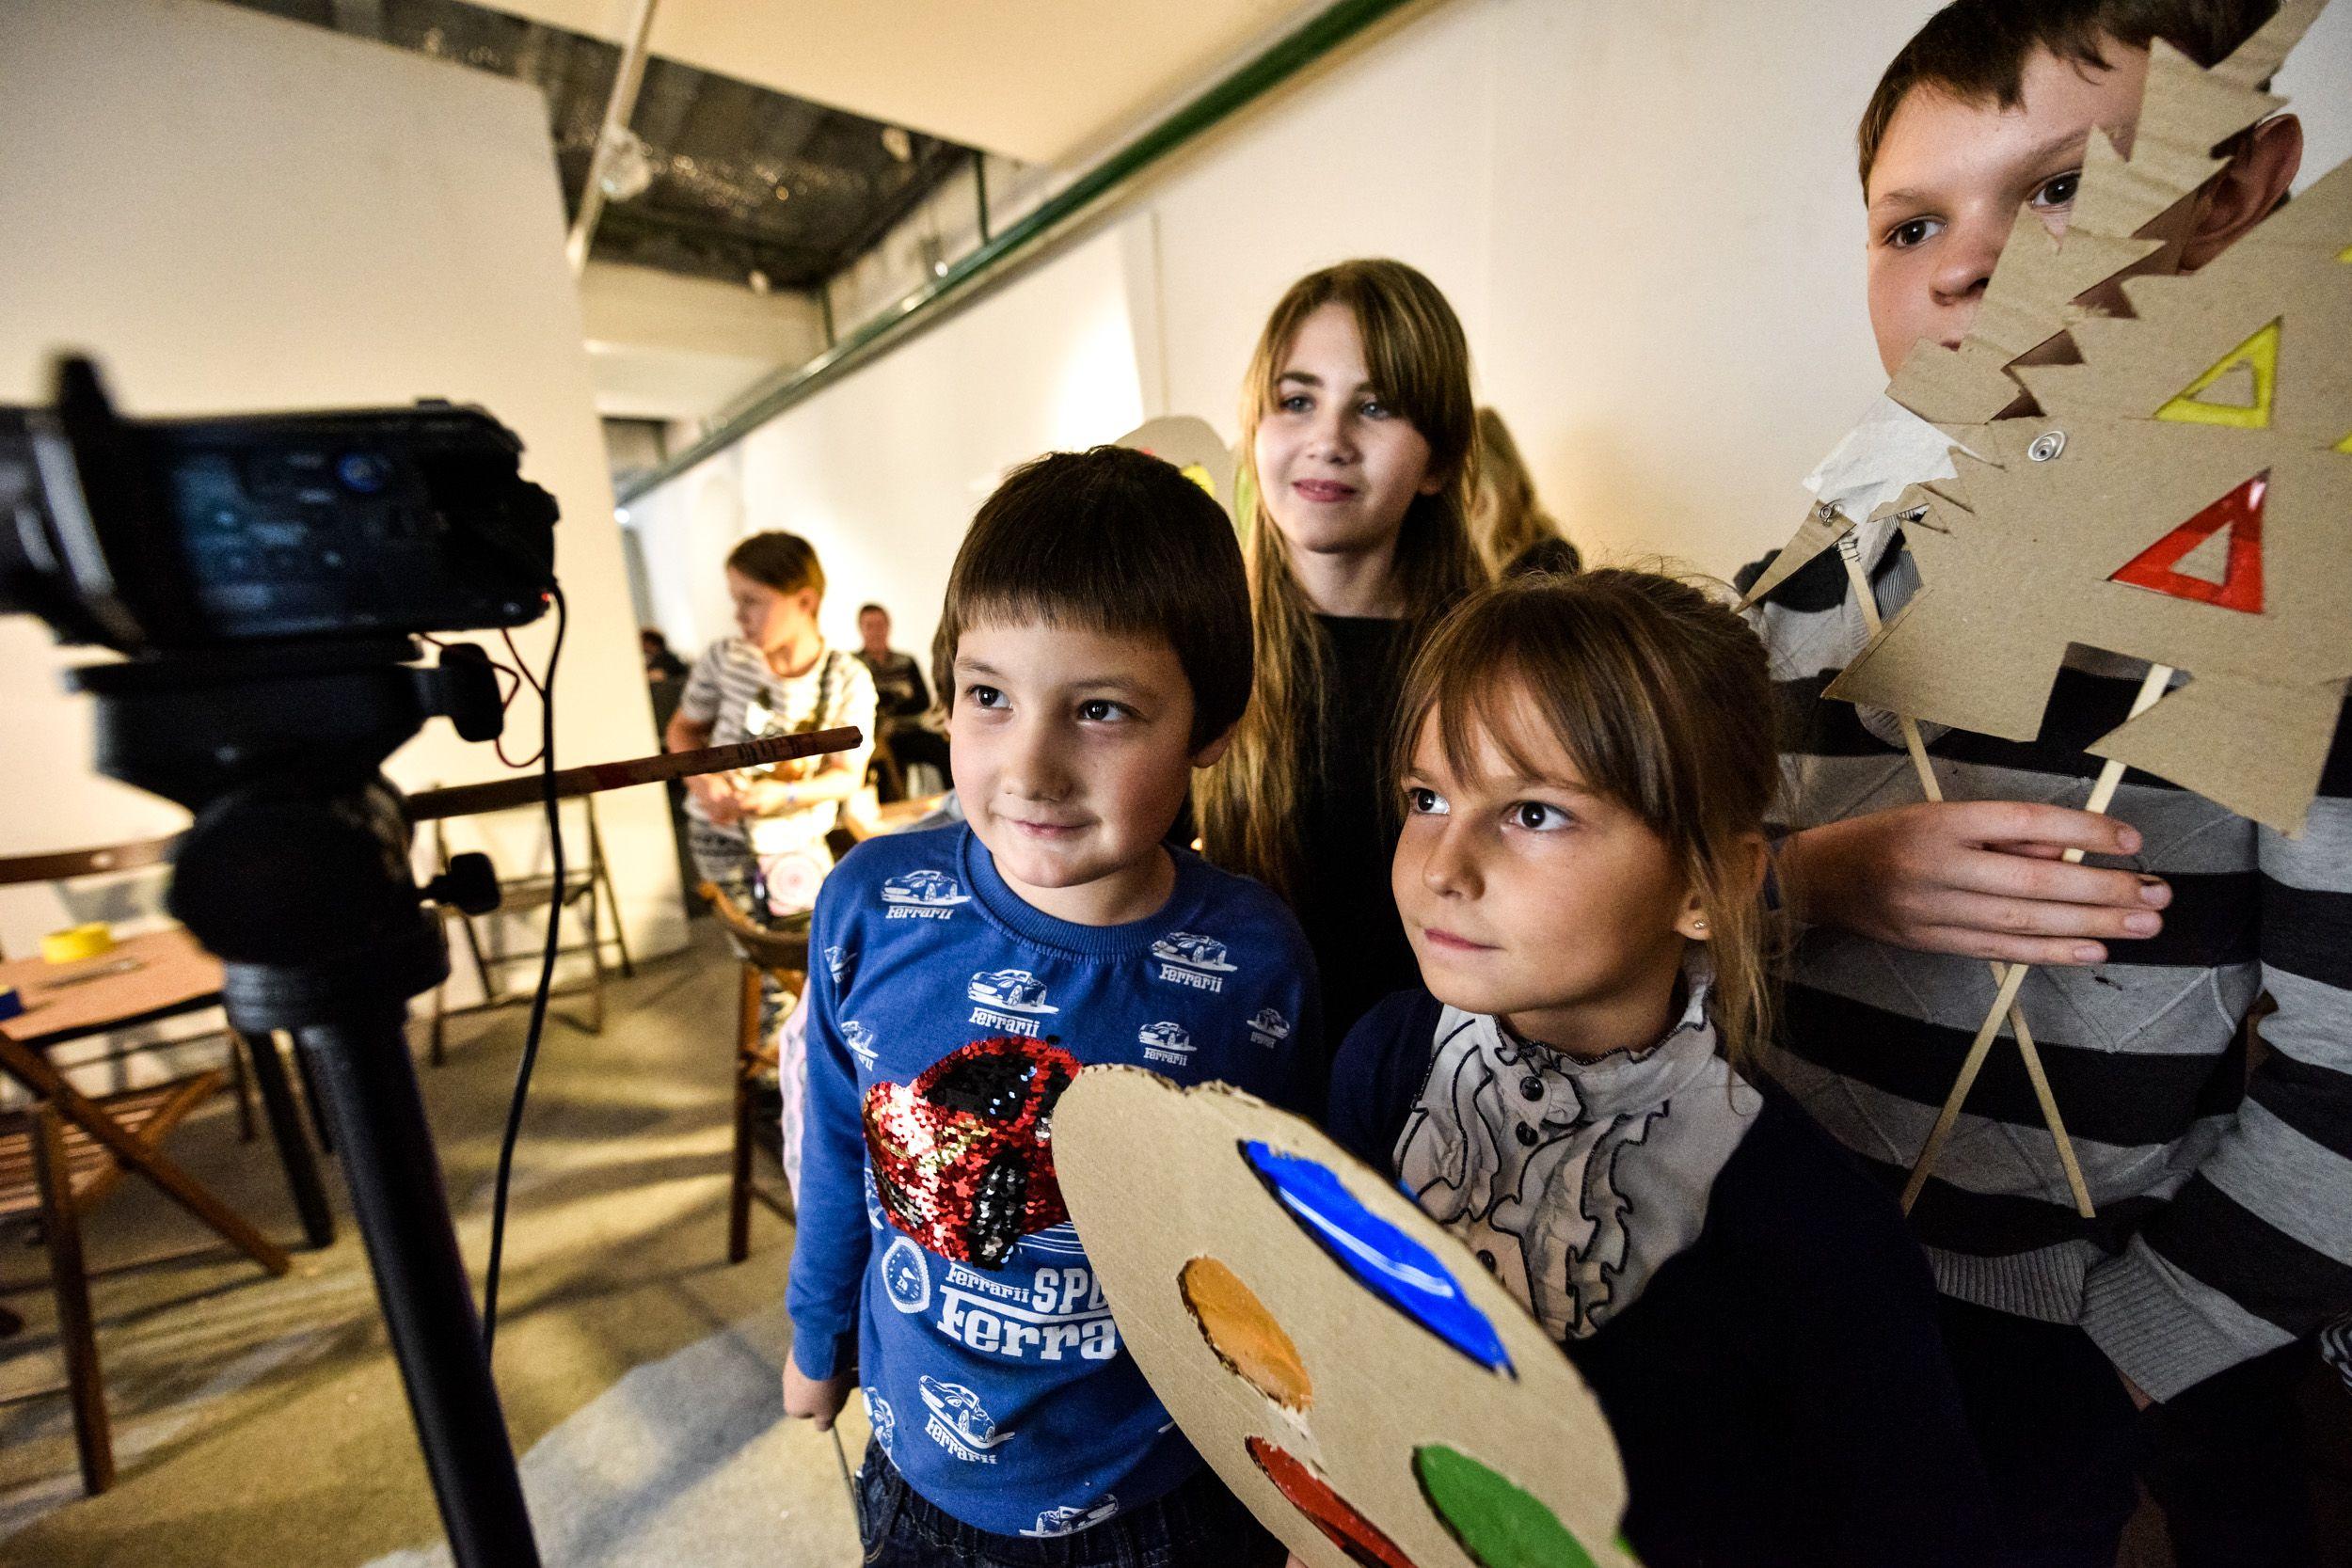 Свои работы на фестивале представили ребята из школьной студии «Мы — будущее». Фото: архив, «Вечерняя Москва»